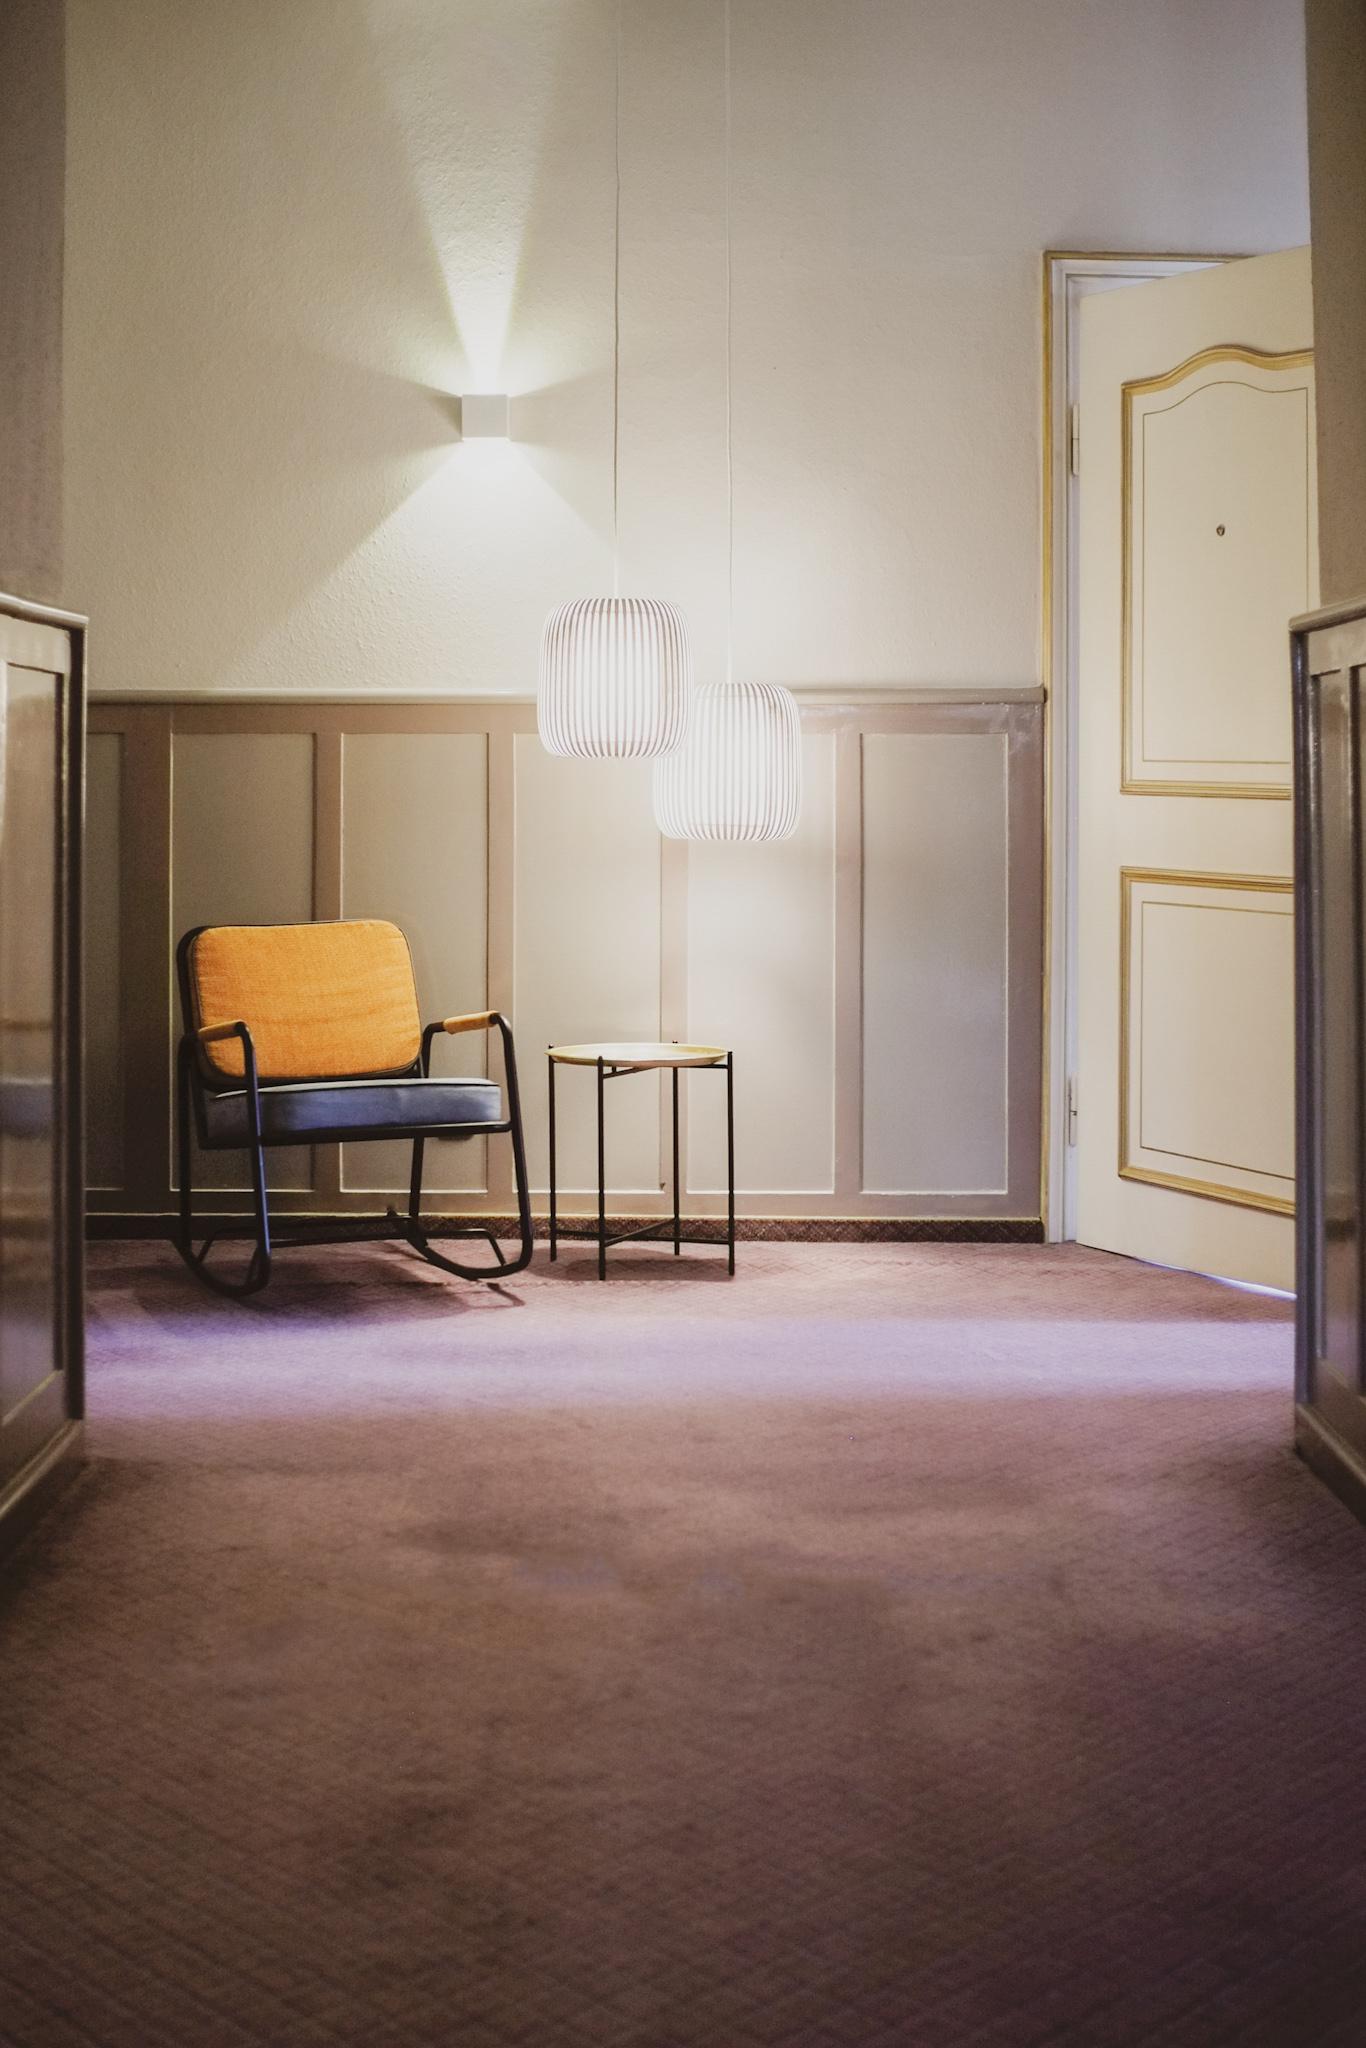 Das hotel -